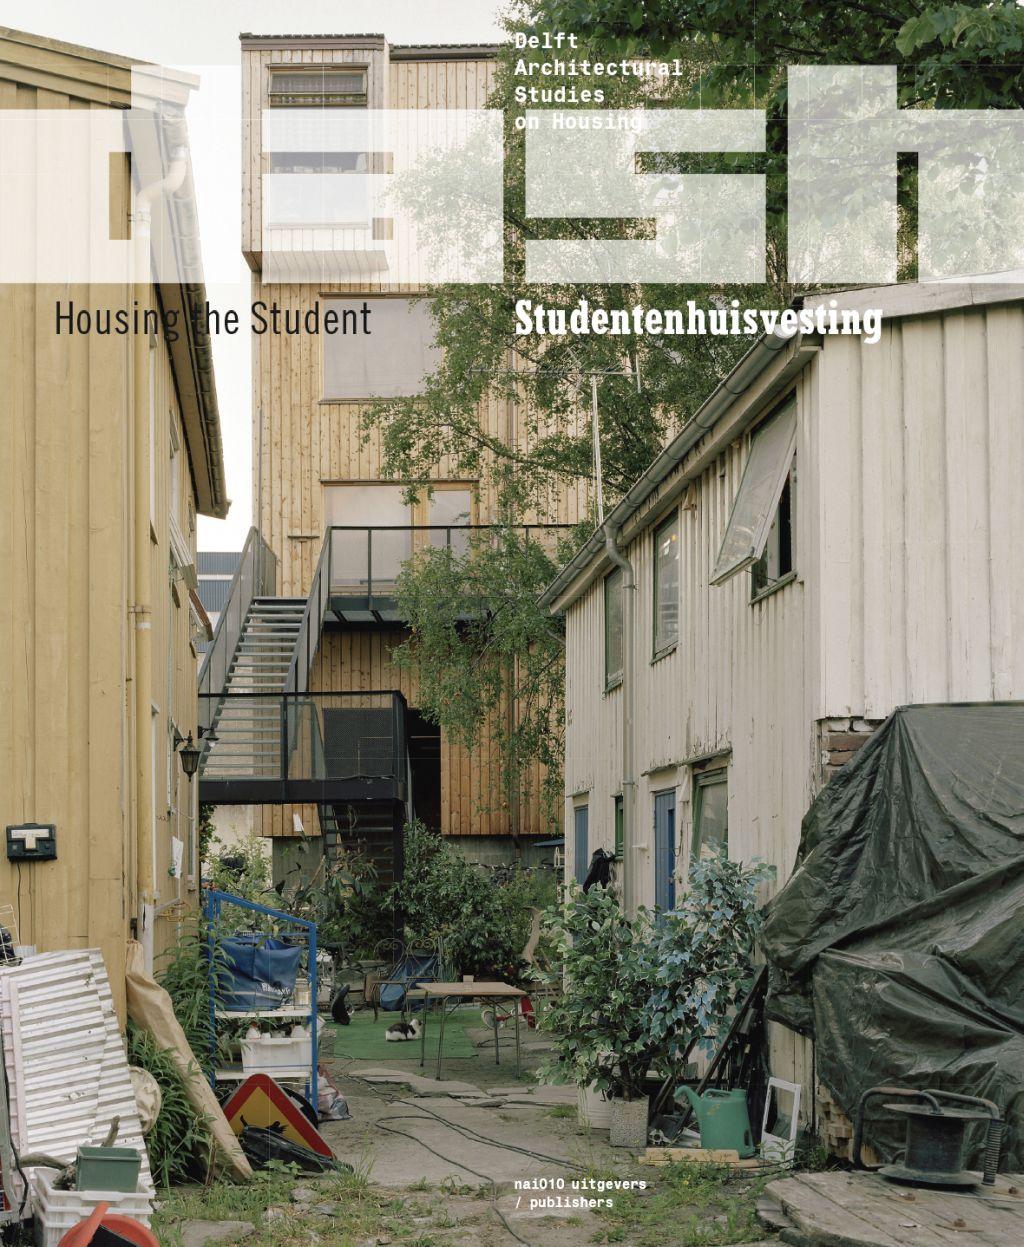 DASH Studentenhuisvesting